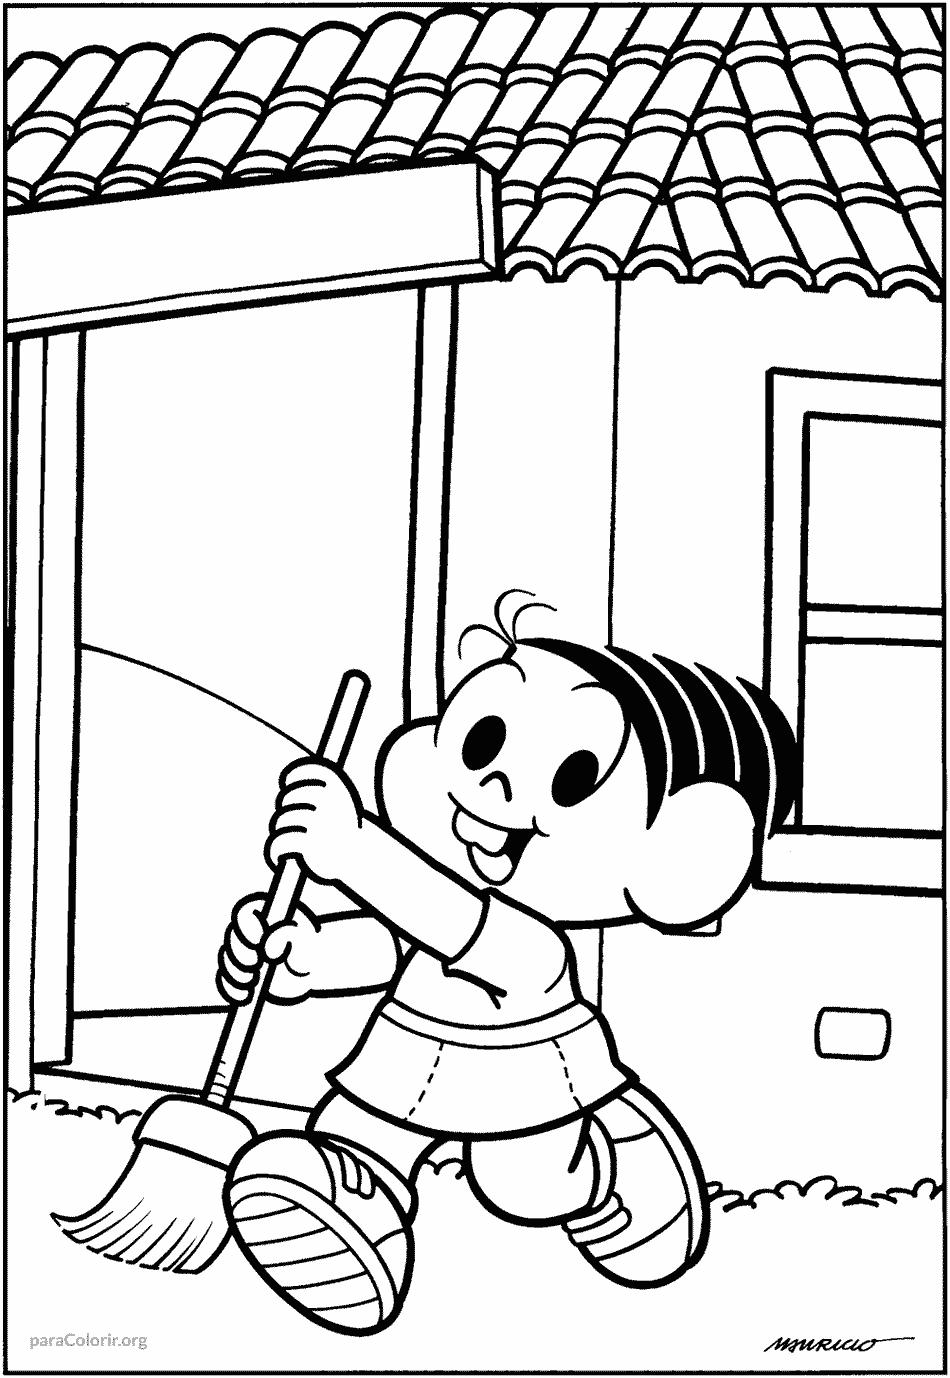 Mônica varrendo